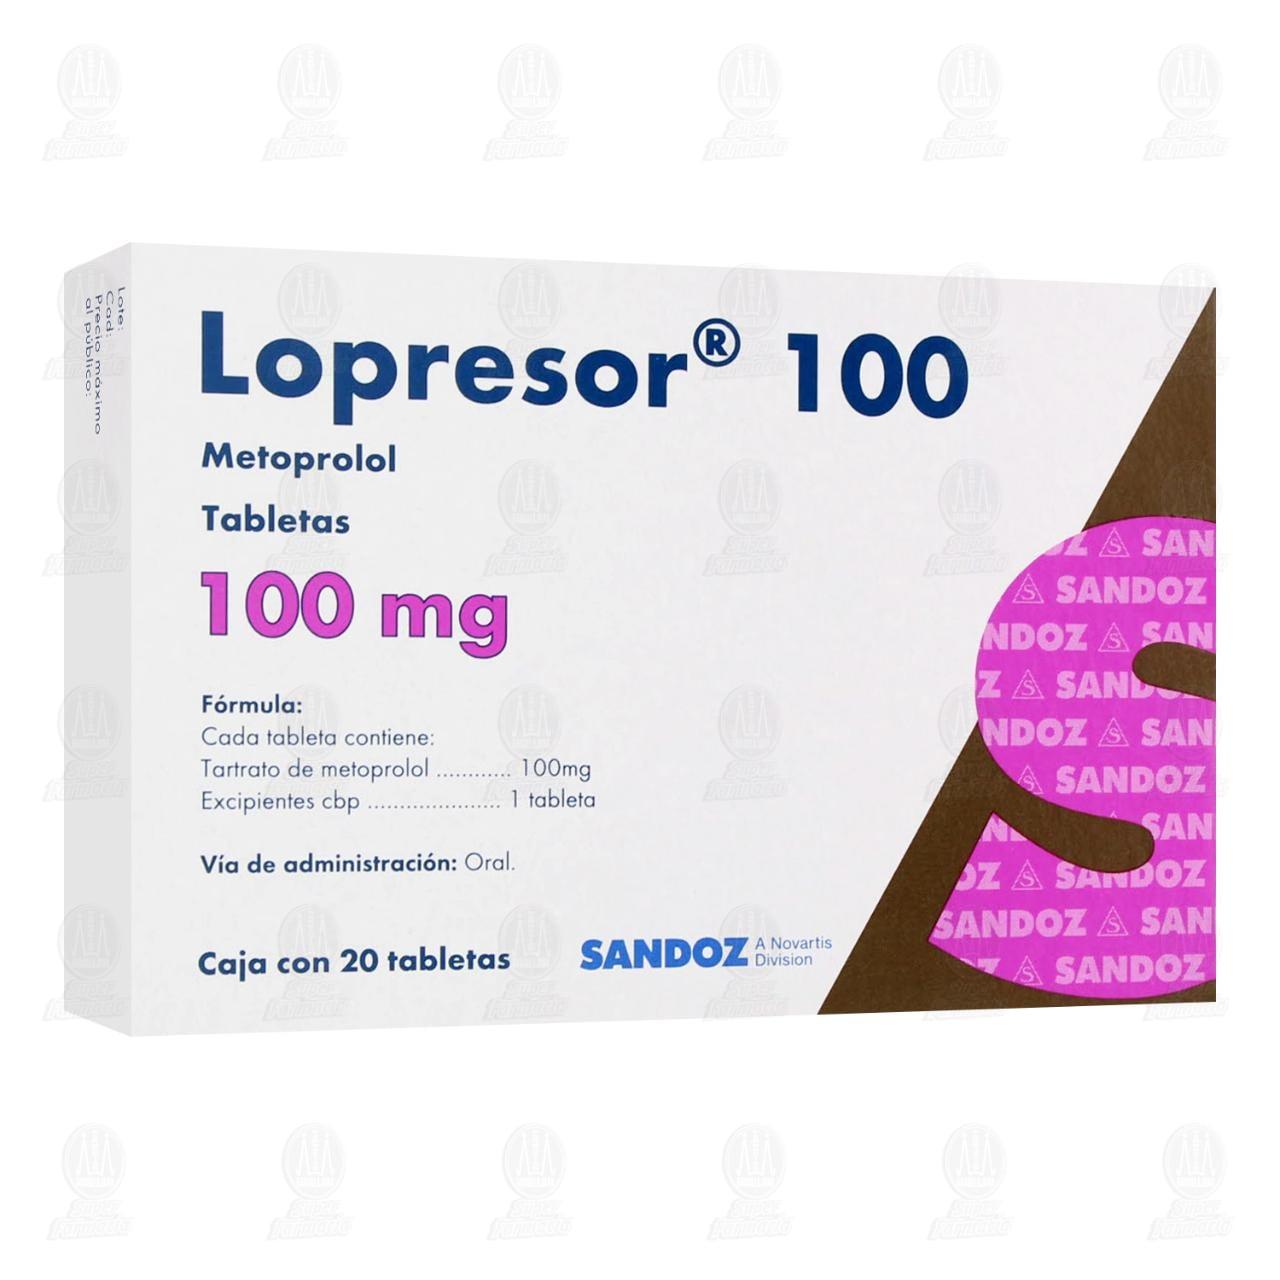 comprar https://www.movil.farmaciasguadalajara.com/wcsstore/FGCAS/wcs/products/137391_A_1280_AL.jpg en farmacias guadalajara